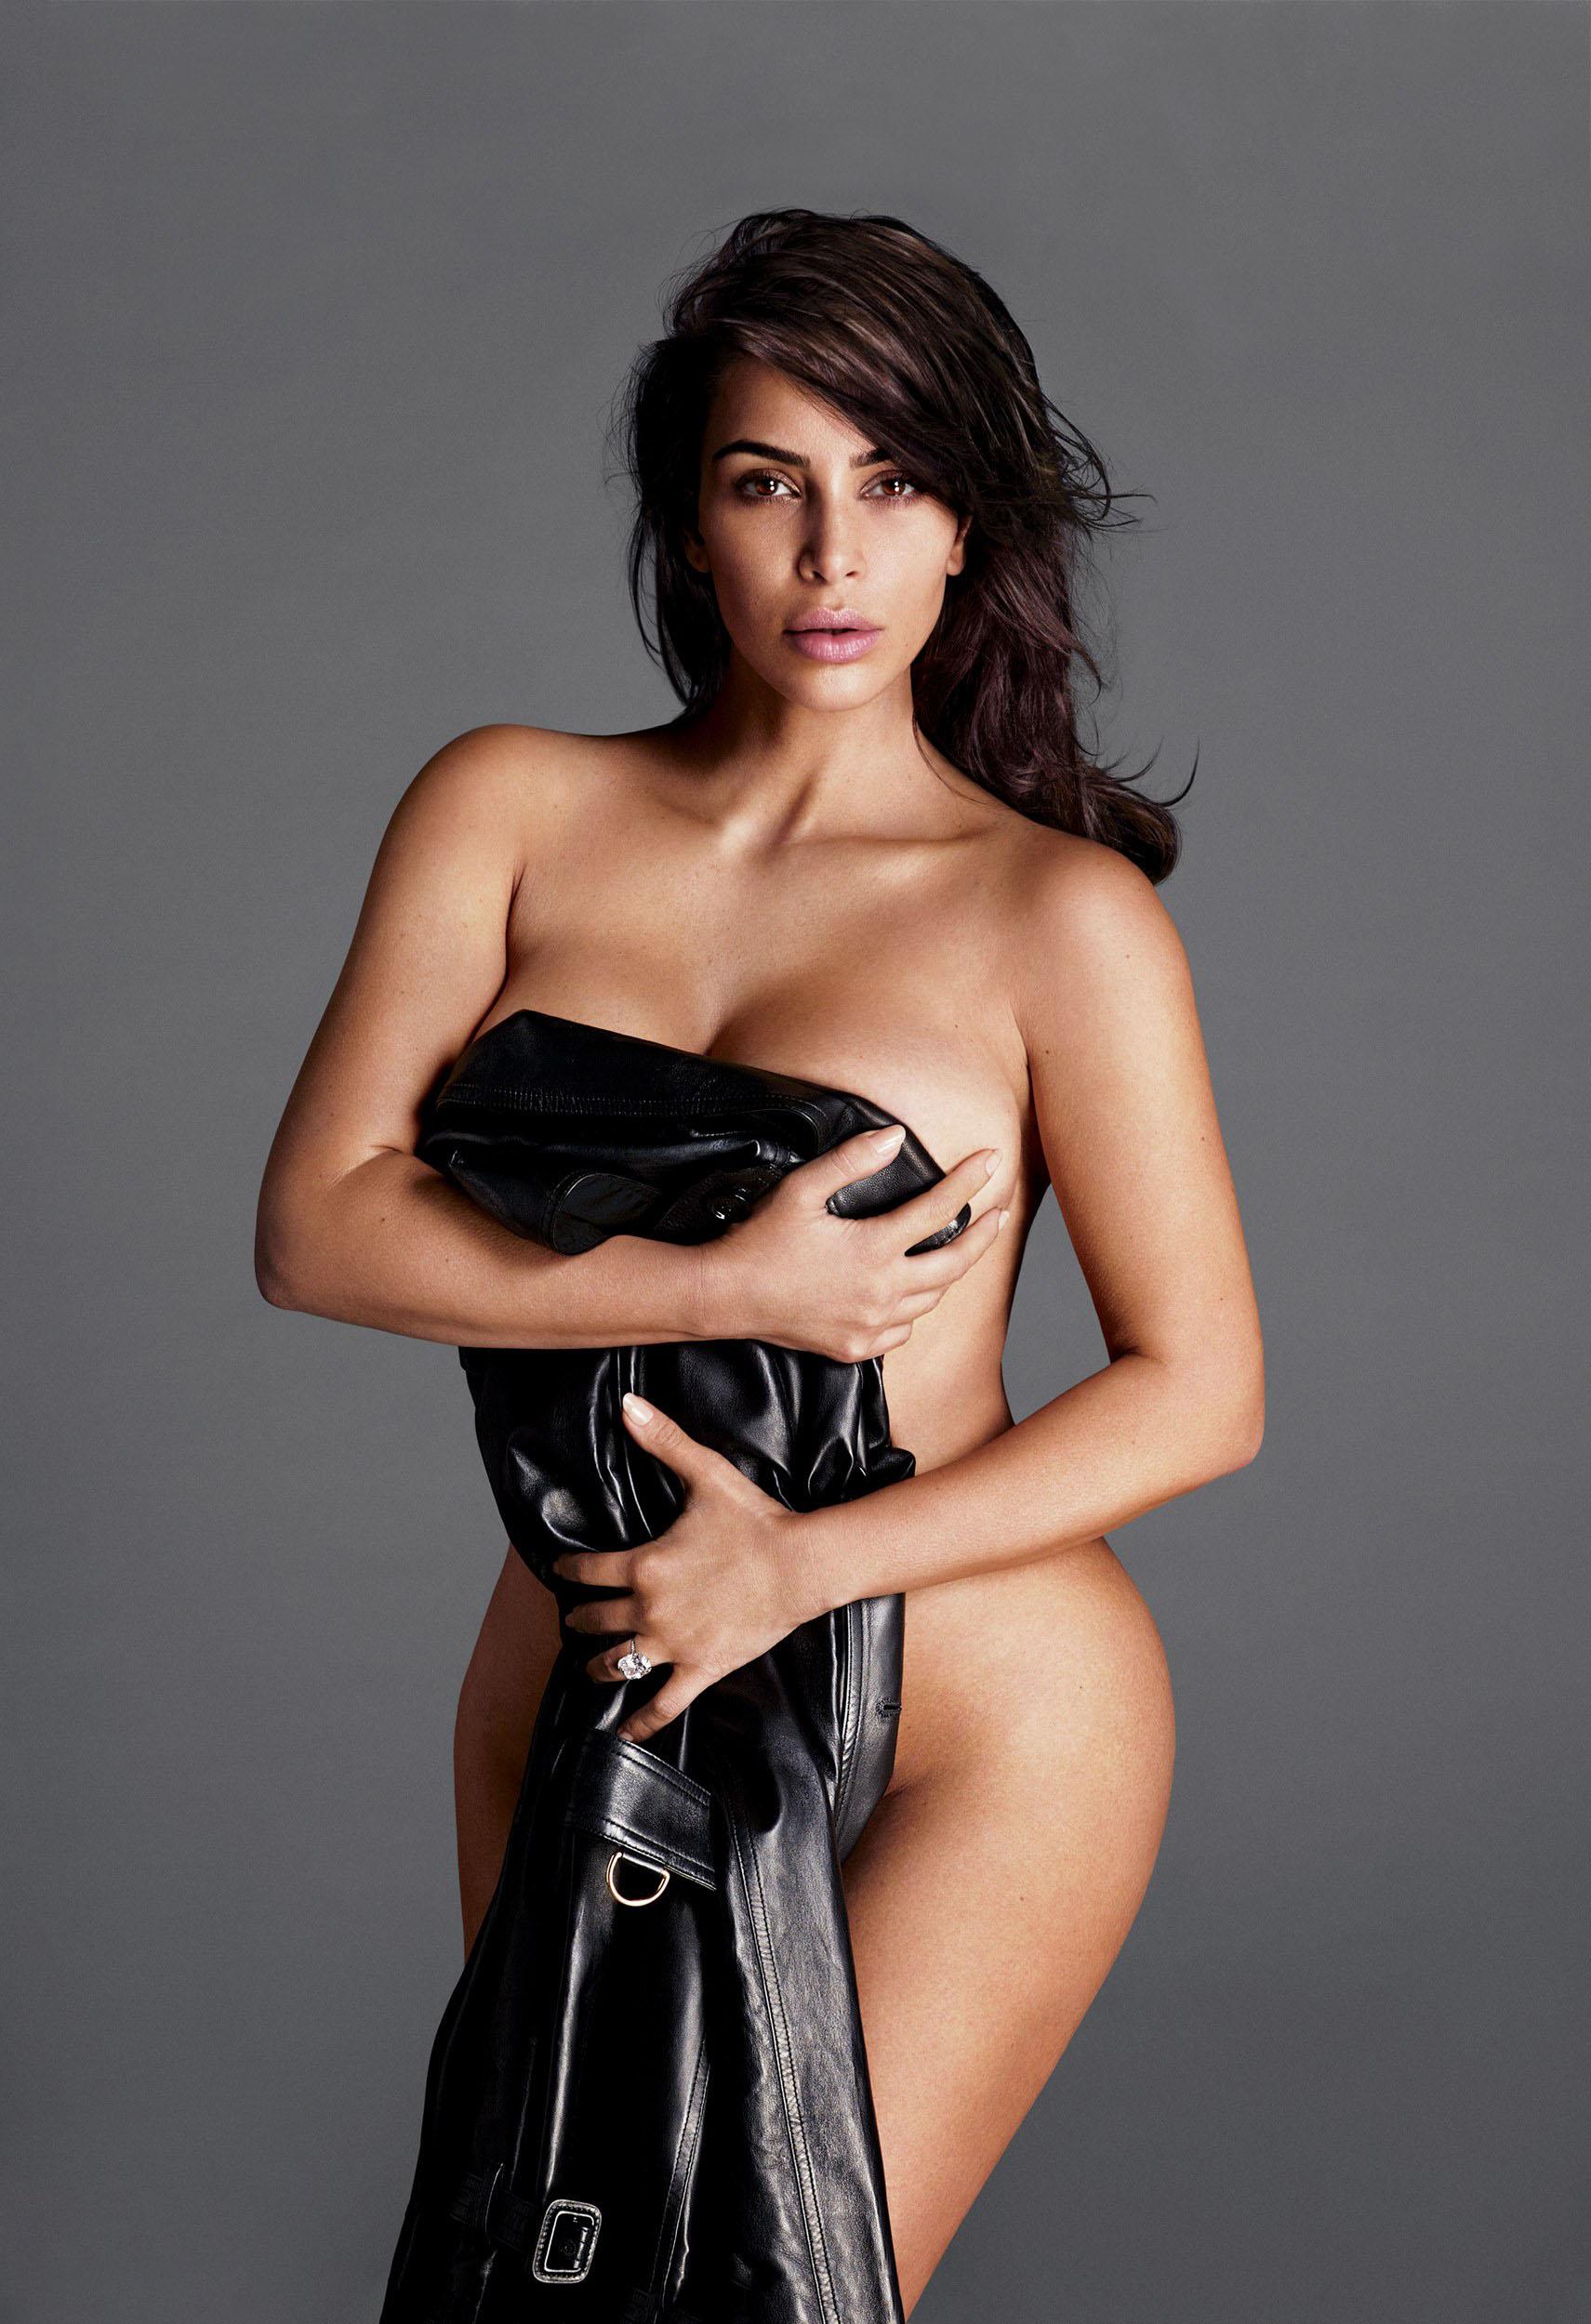 Hot nude pictures of kim kardashian not take